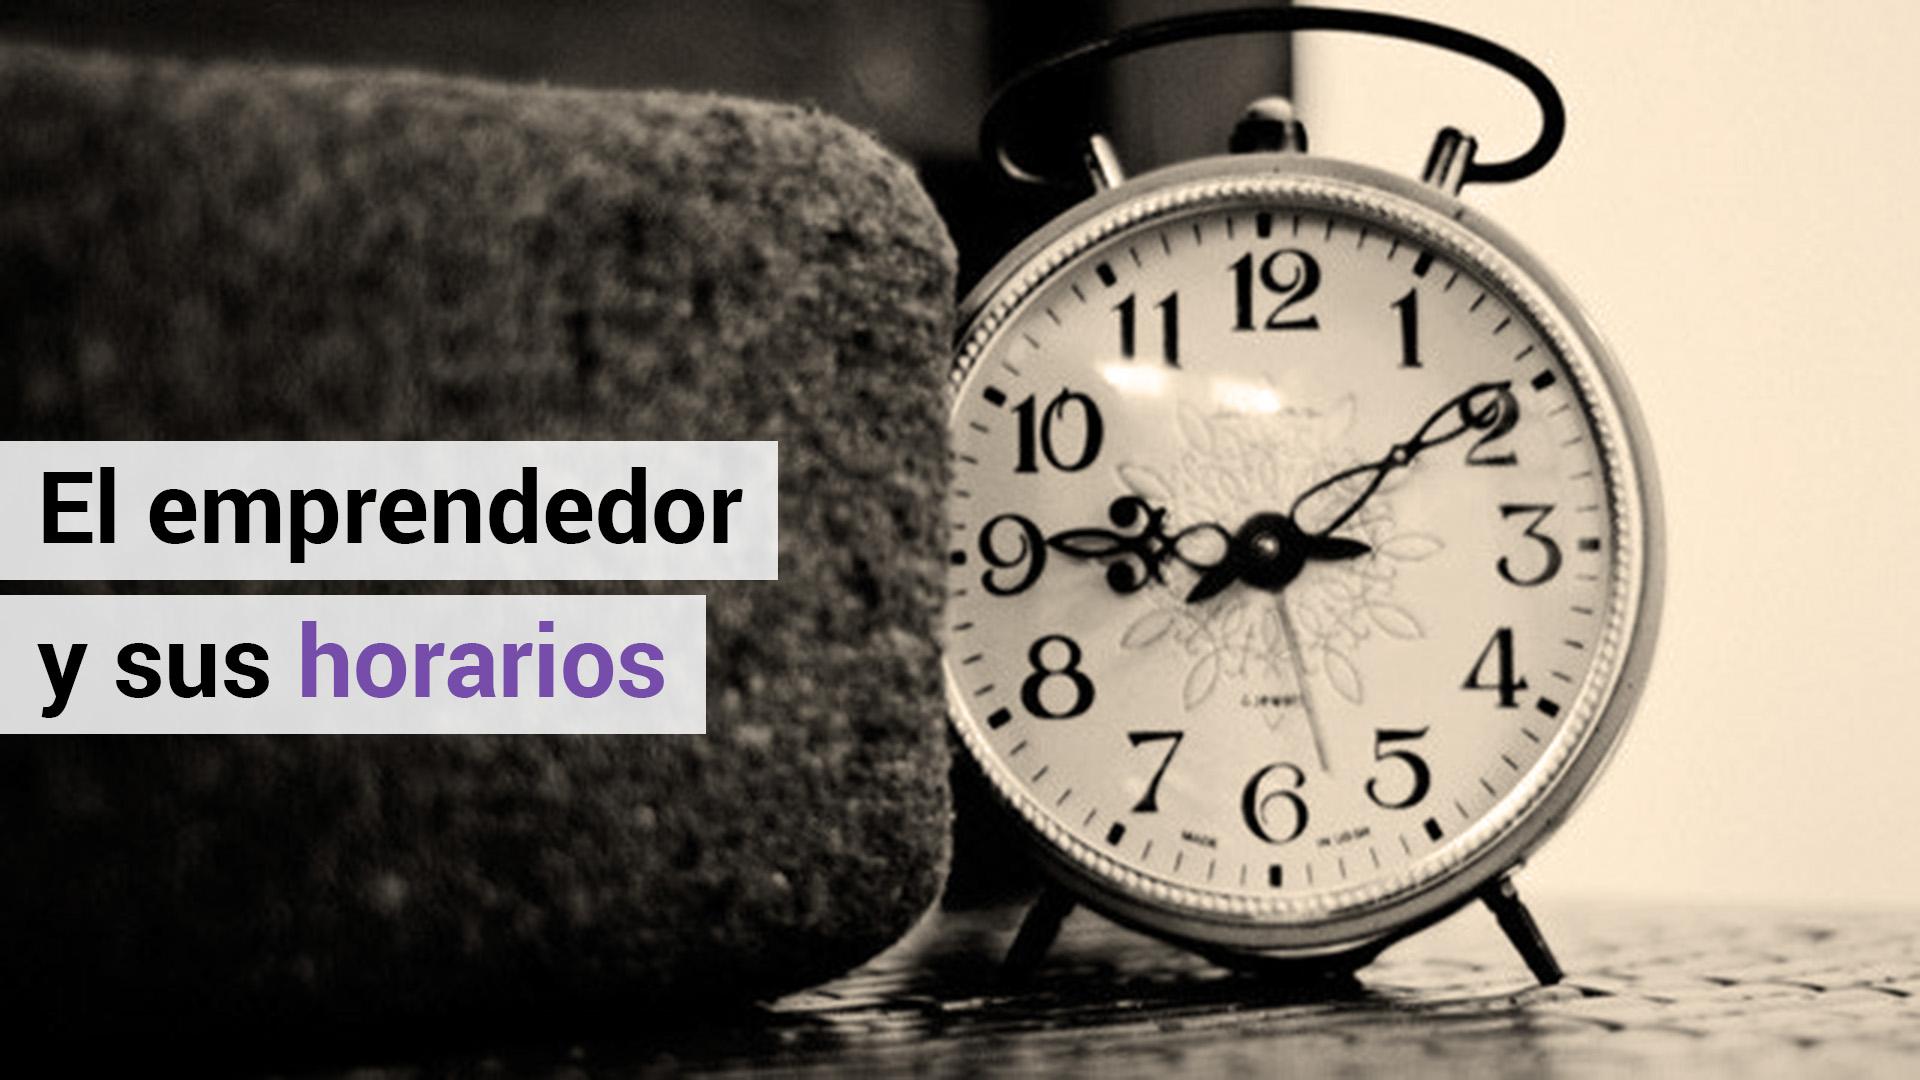 Emprendedor, ¿sabes cómo fijar el horario de tu negocio?